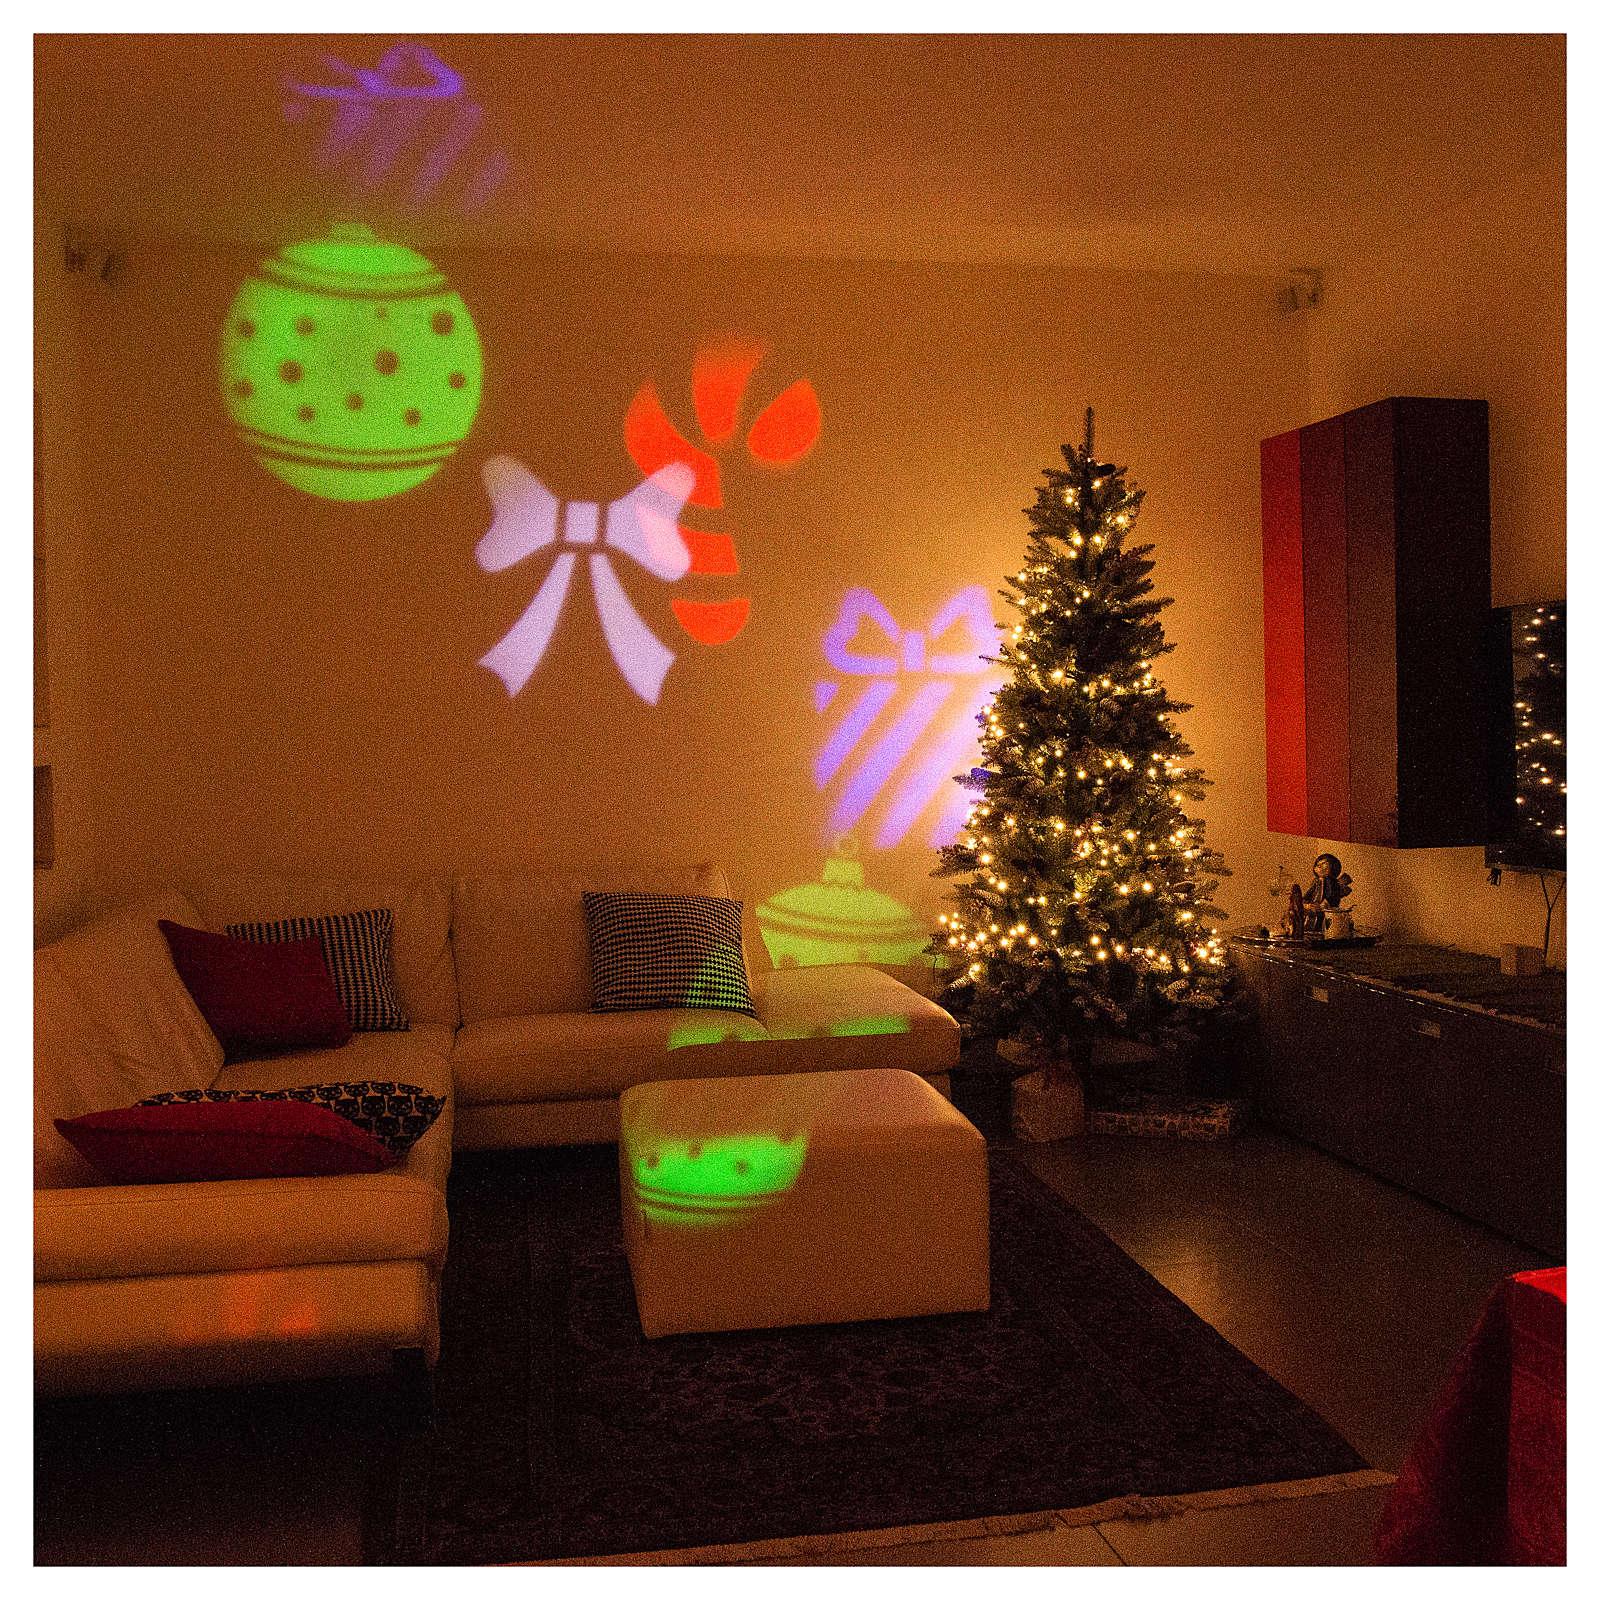 STOCK Proiettore led Christmas interno esterno 3